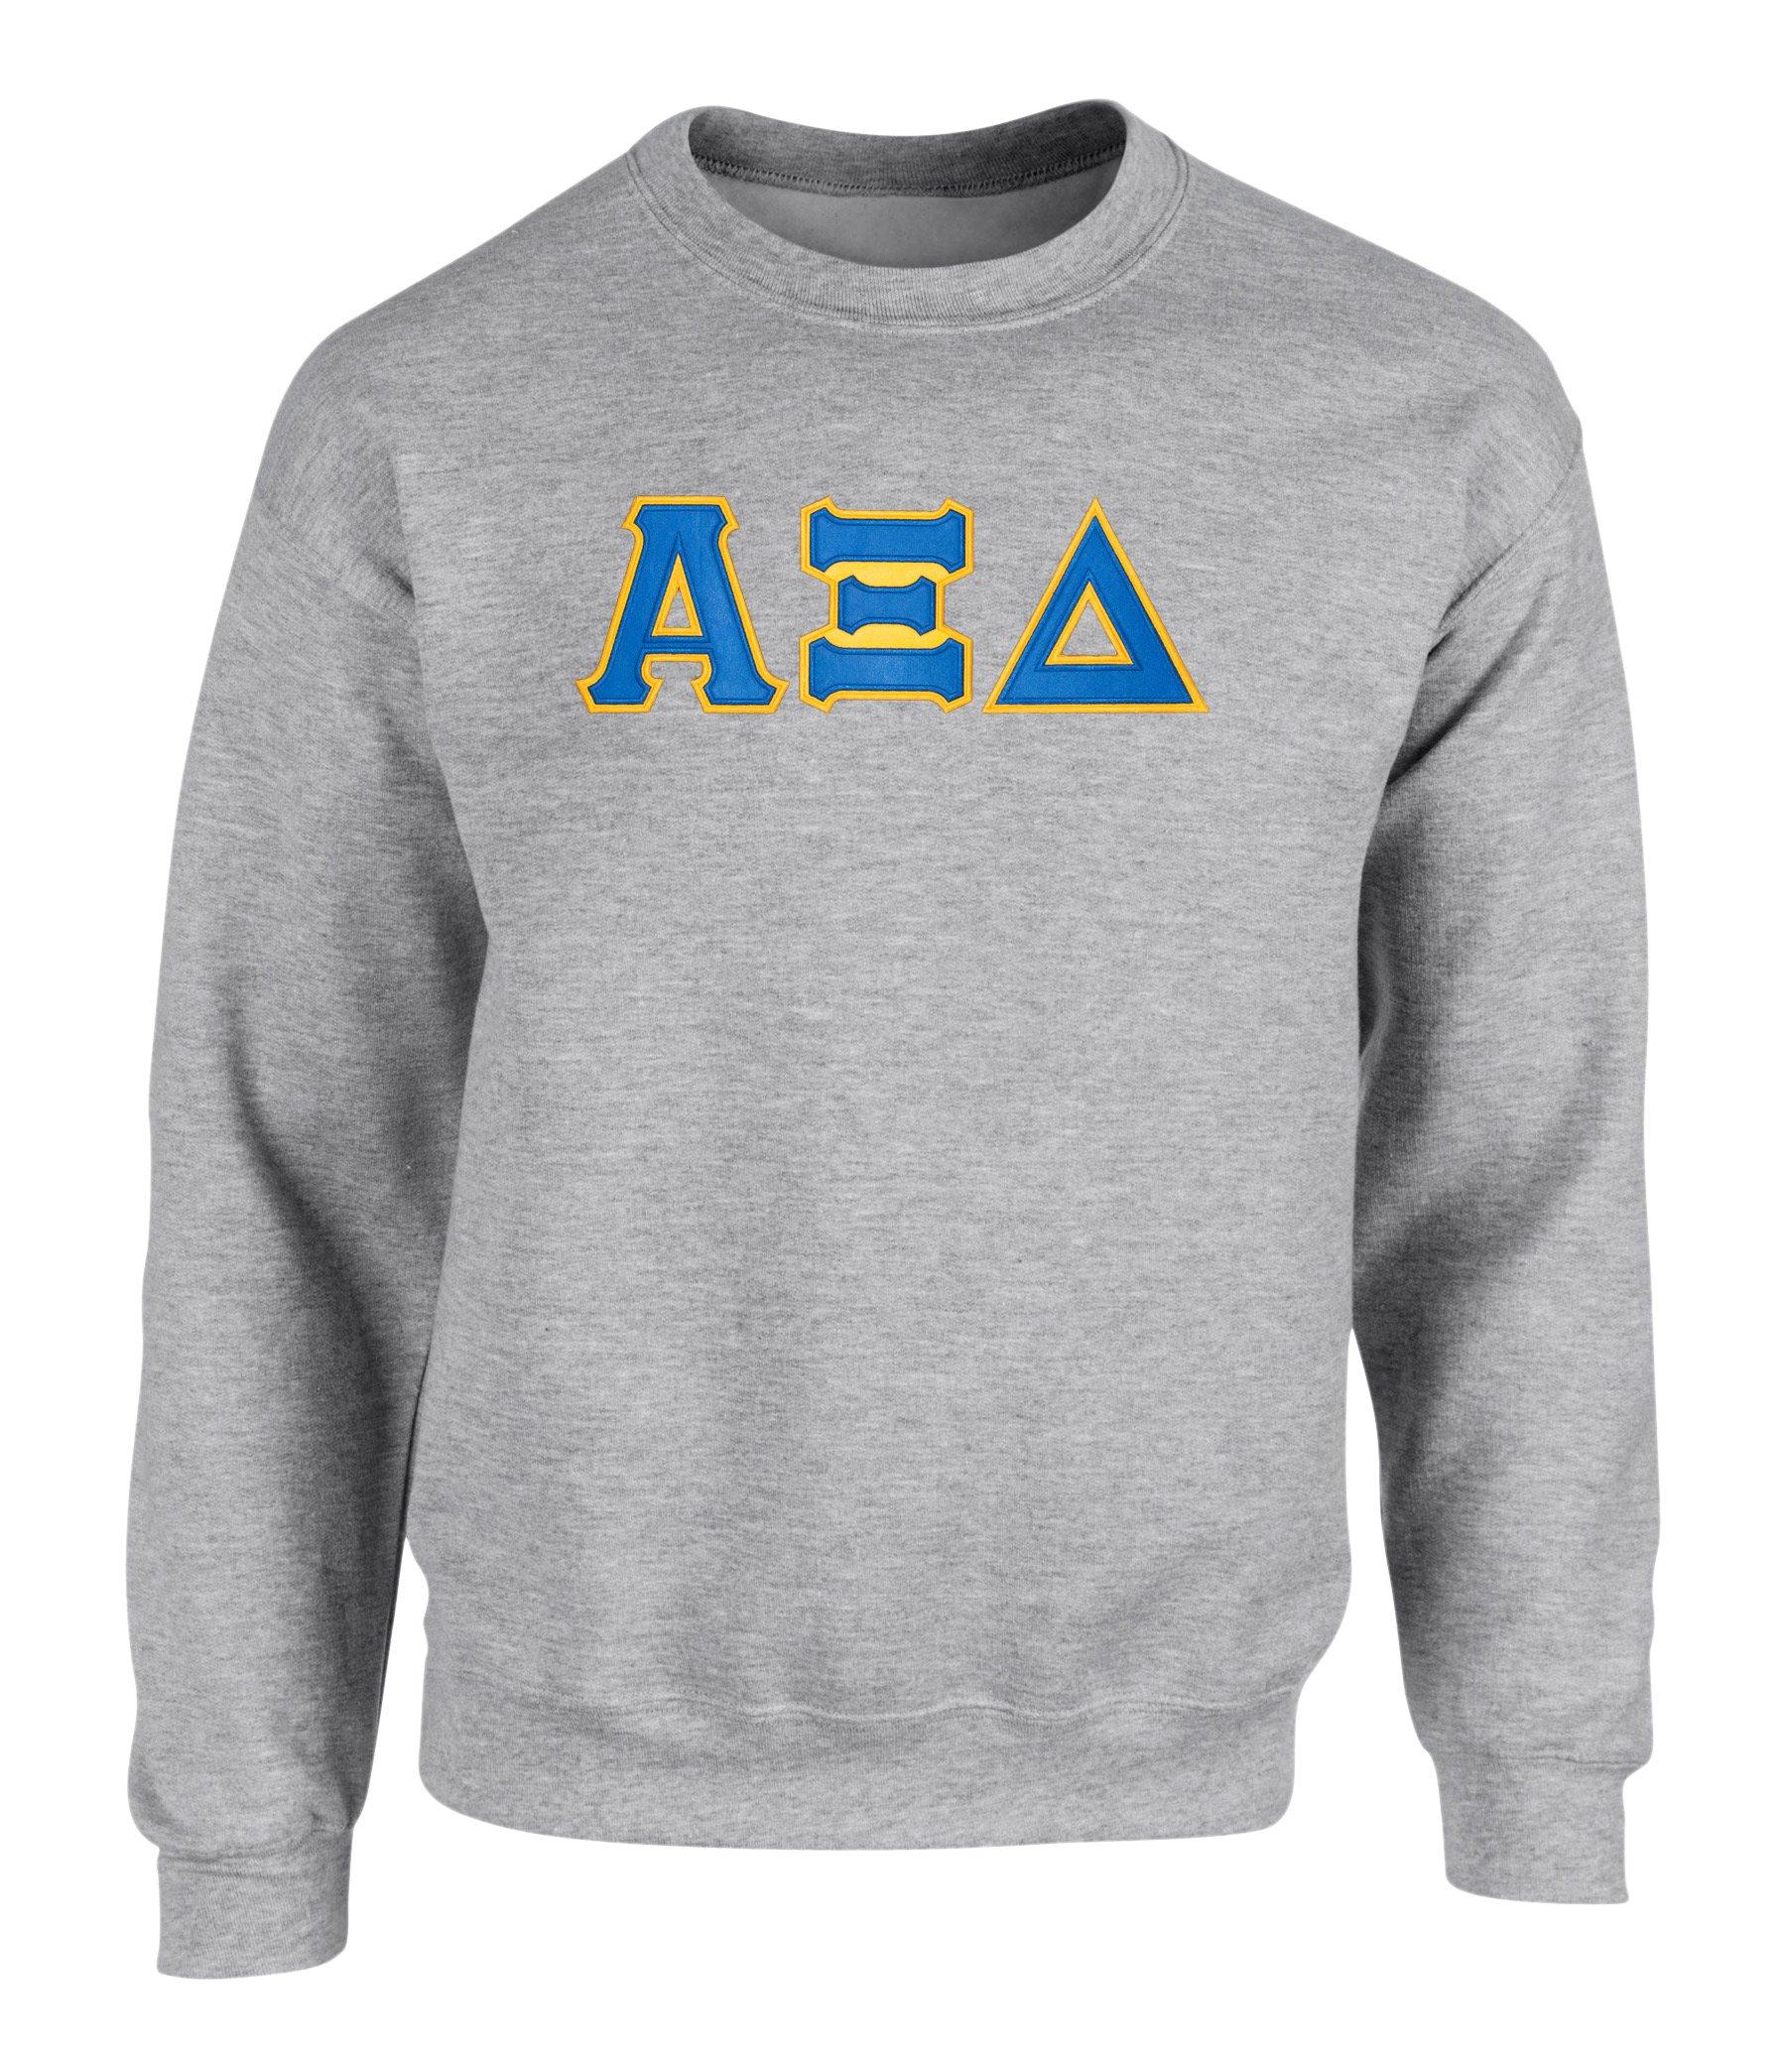 Alpha Xi Delta Twill Letter Crewneck 5370 Shirts